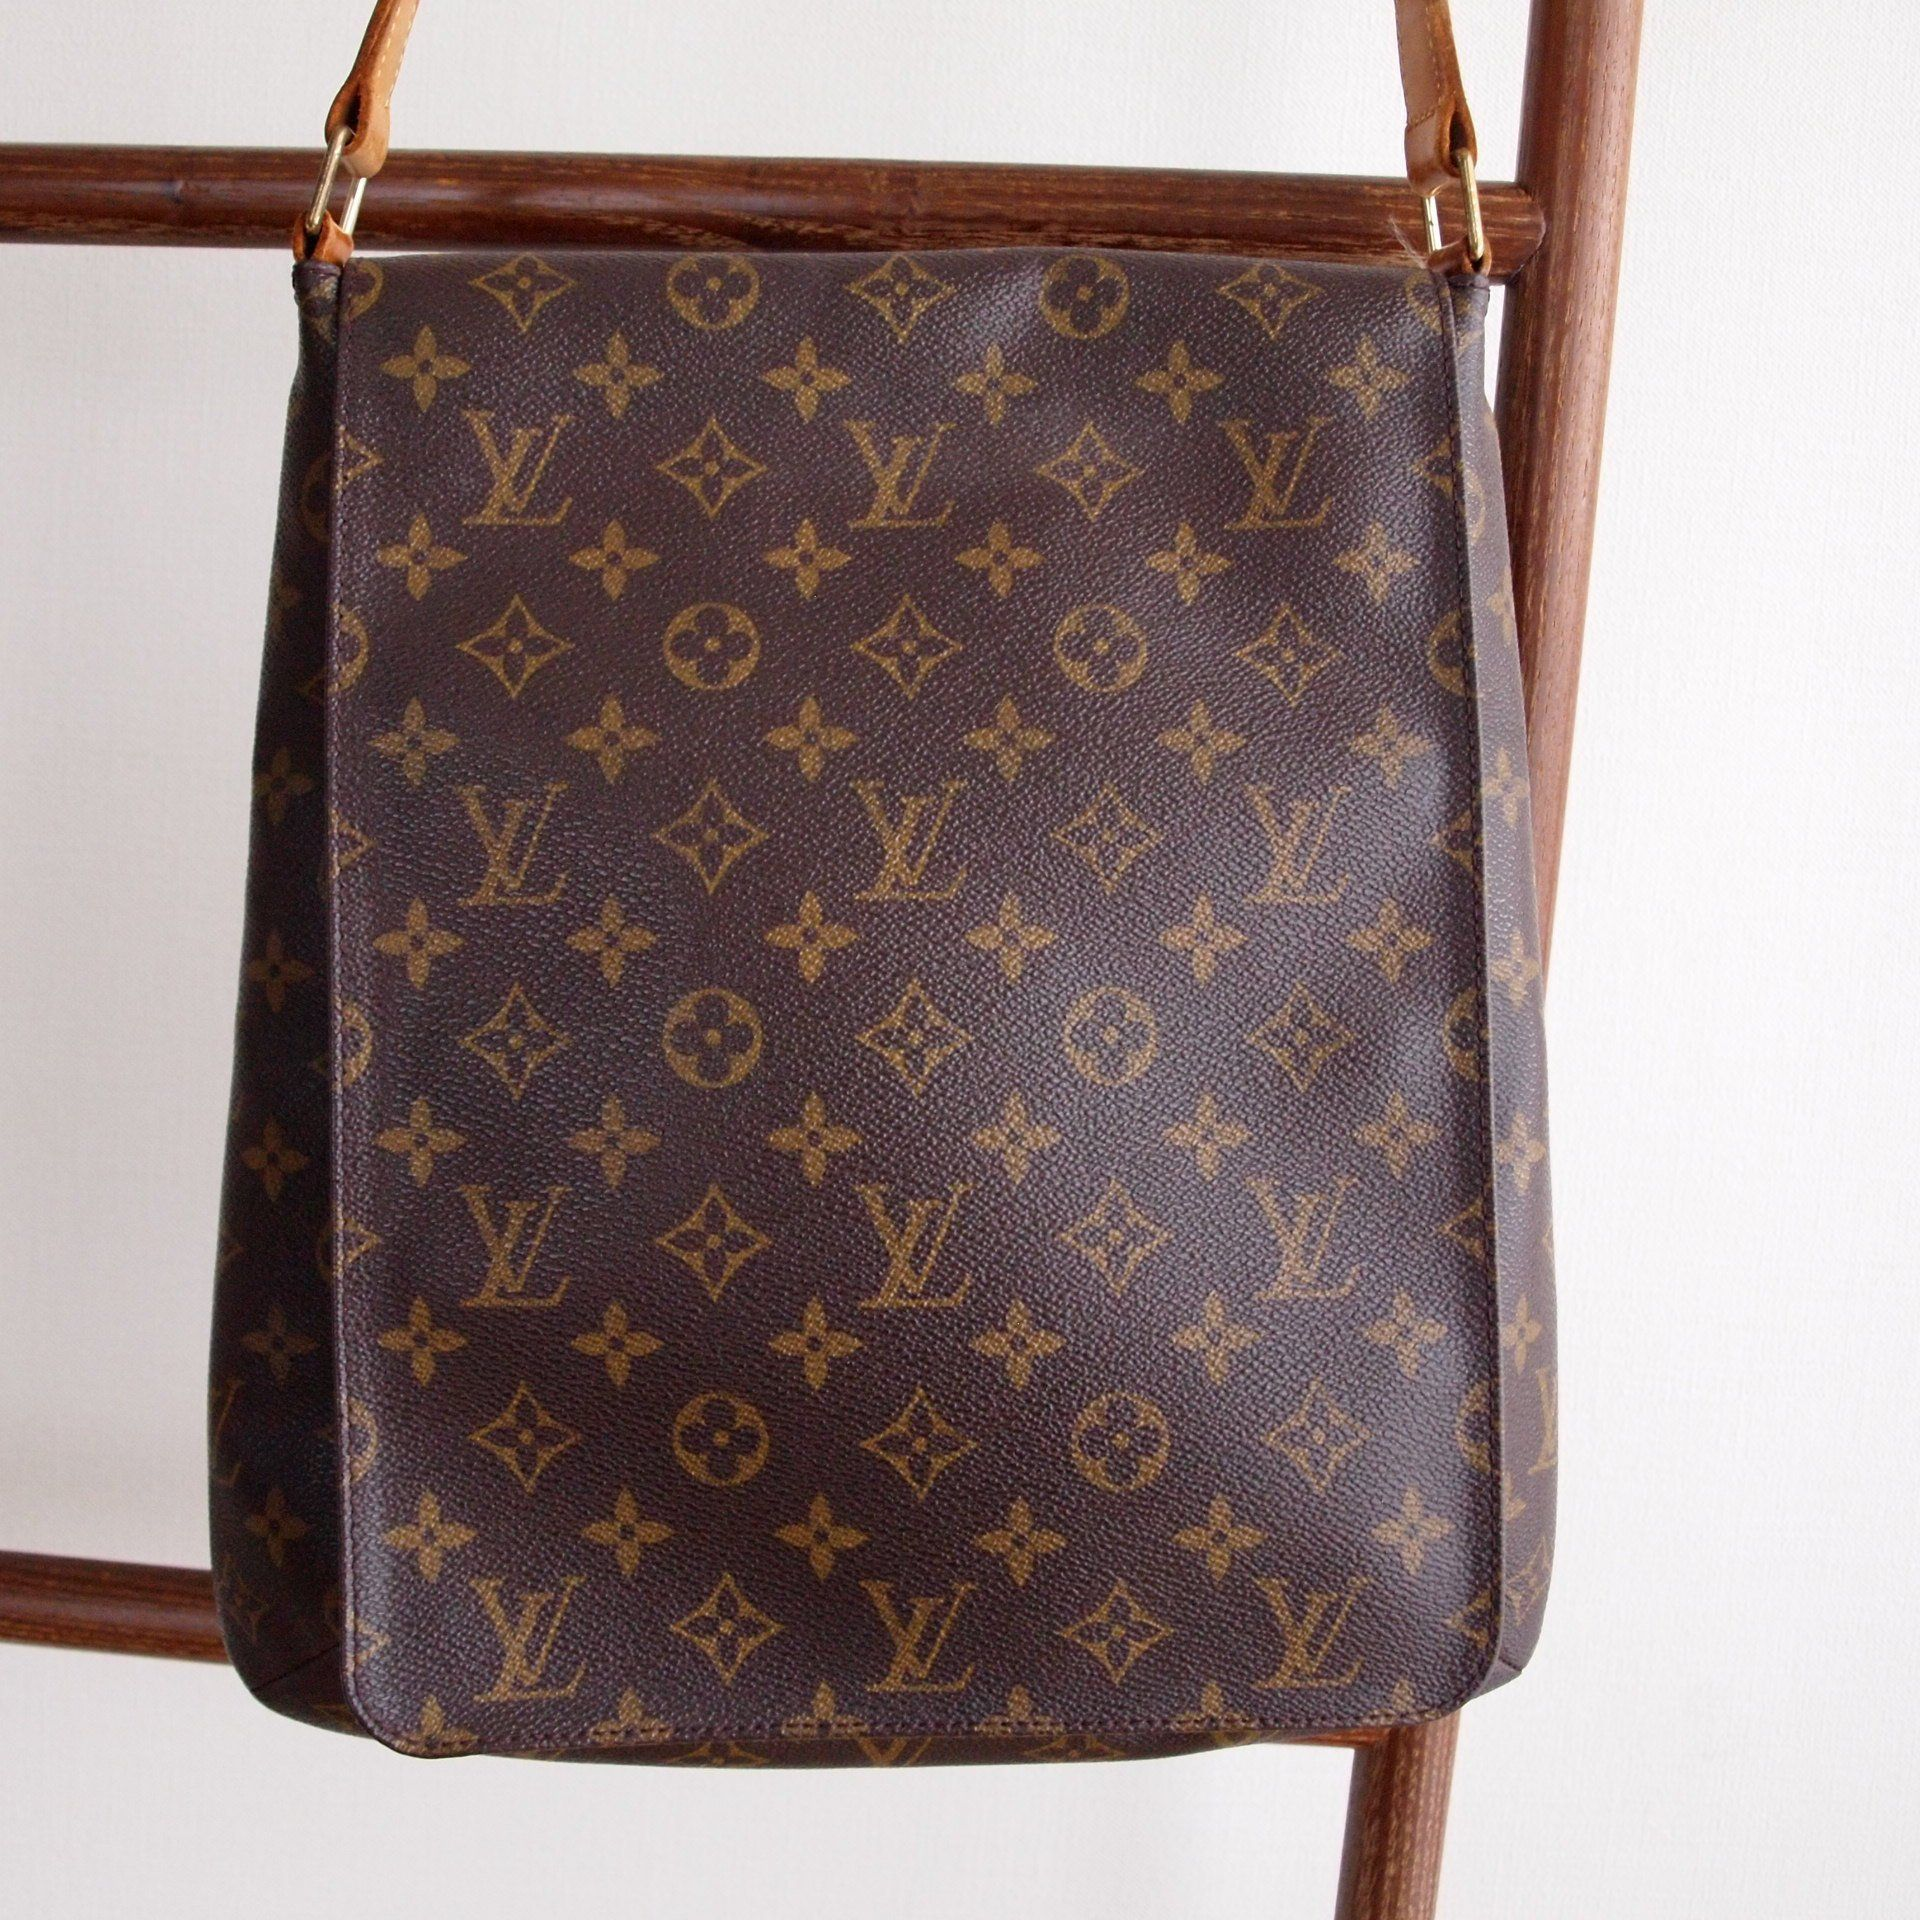 Authentic Louis Vuitton Musette Salsa Brown Monogram Canvas Louis Vuitton Authentic Louis Vuitton Canvas Shoulder Bag